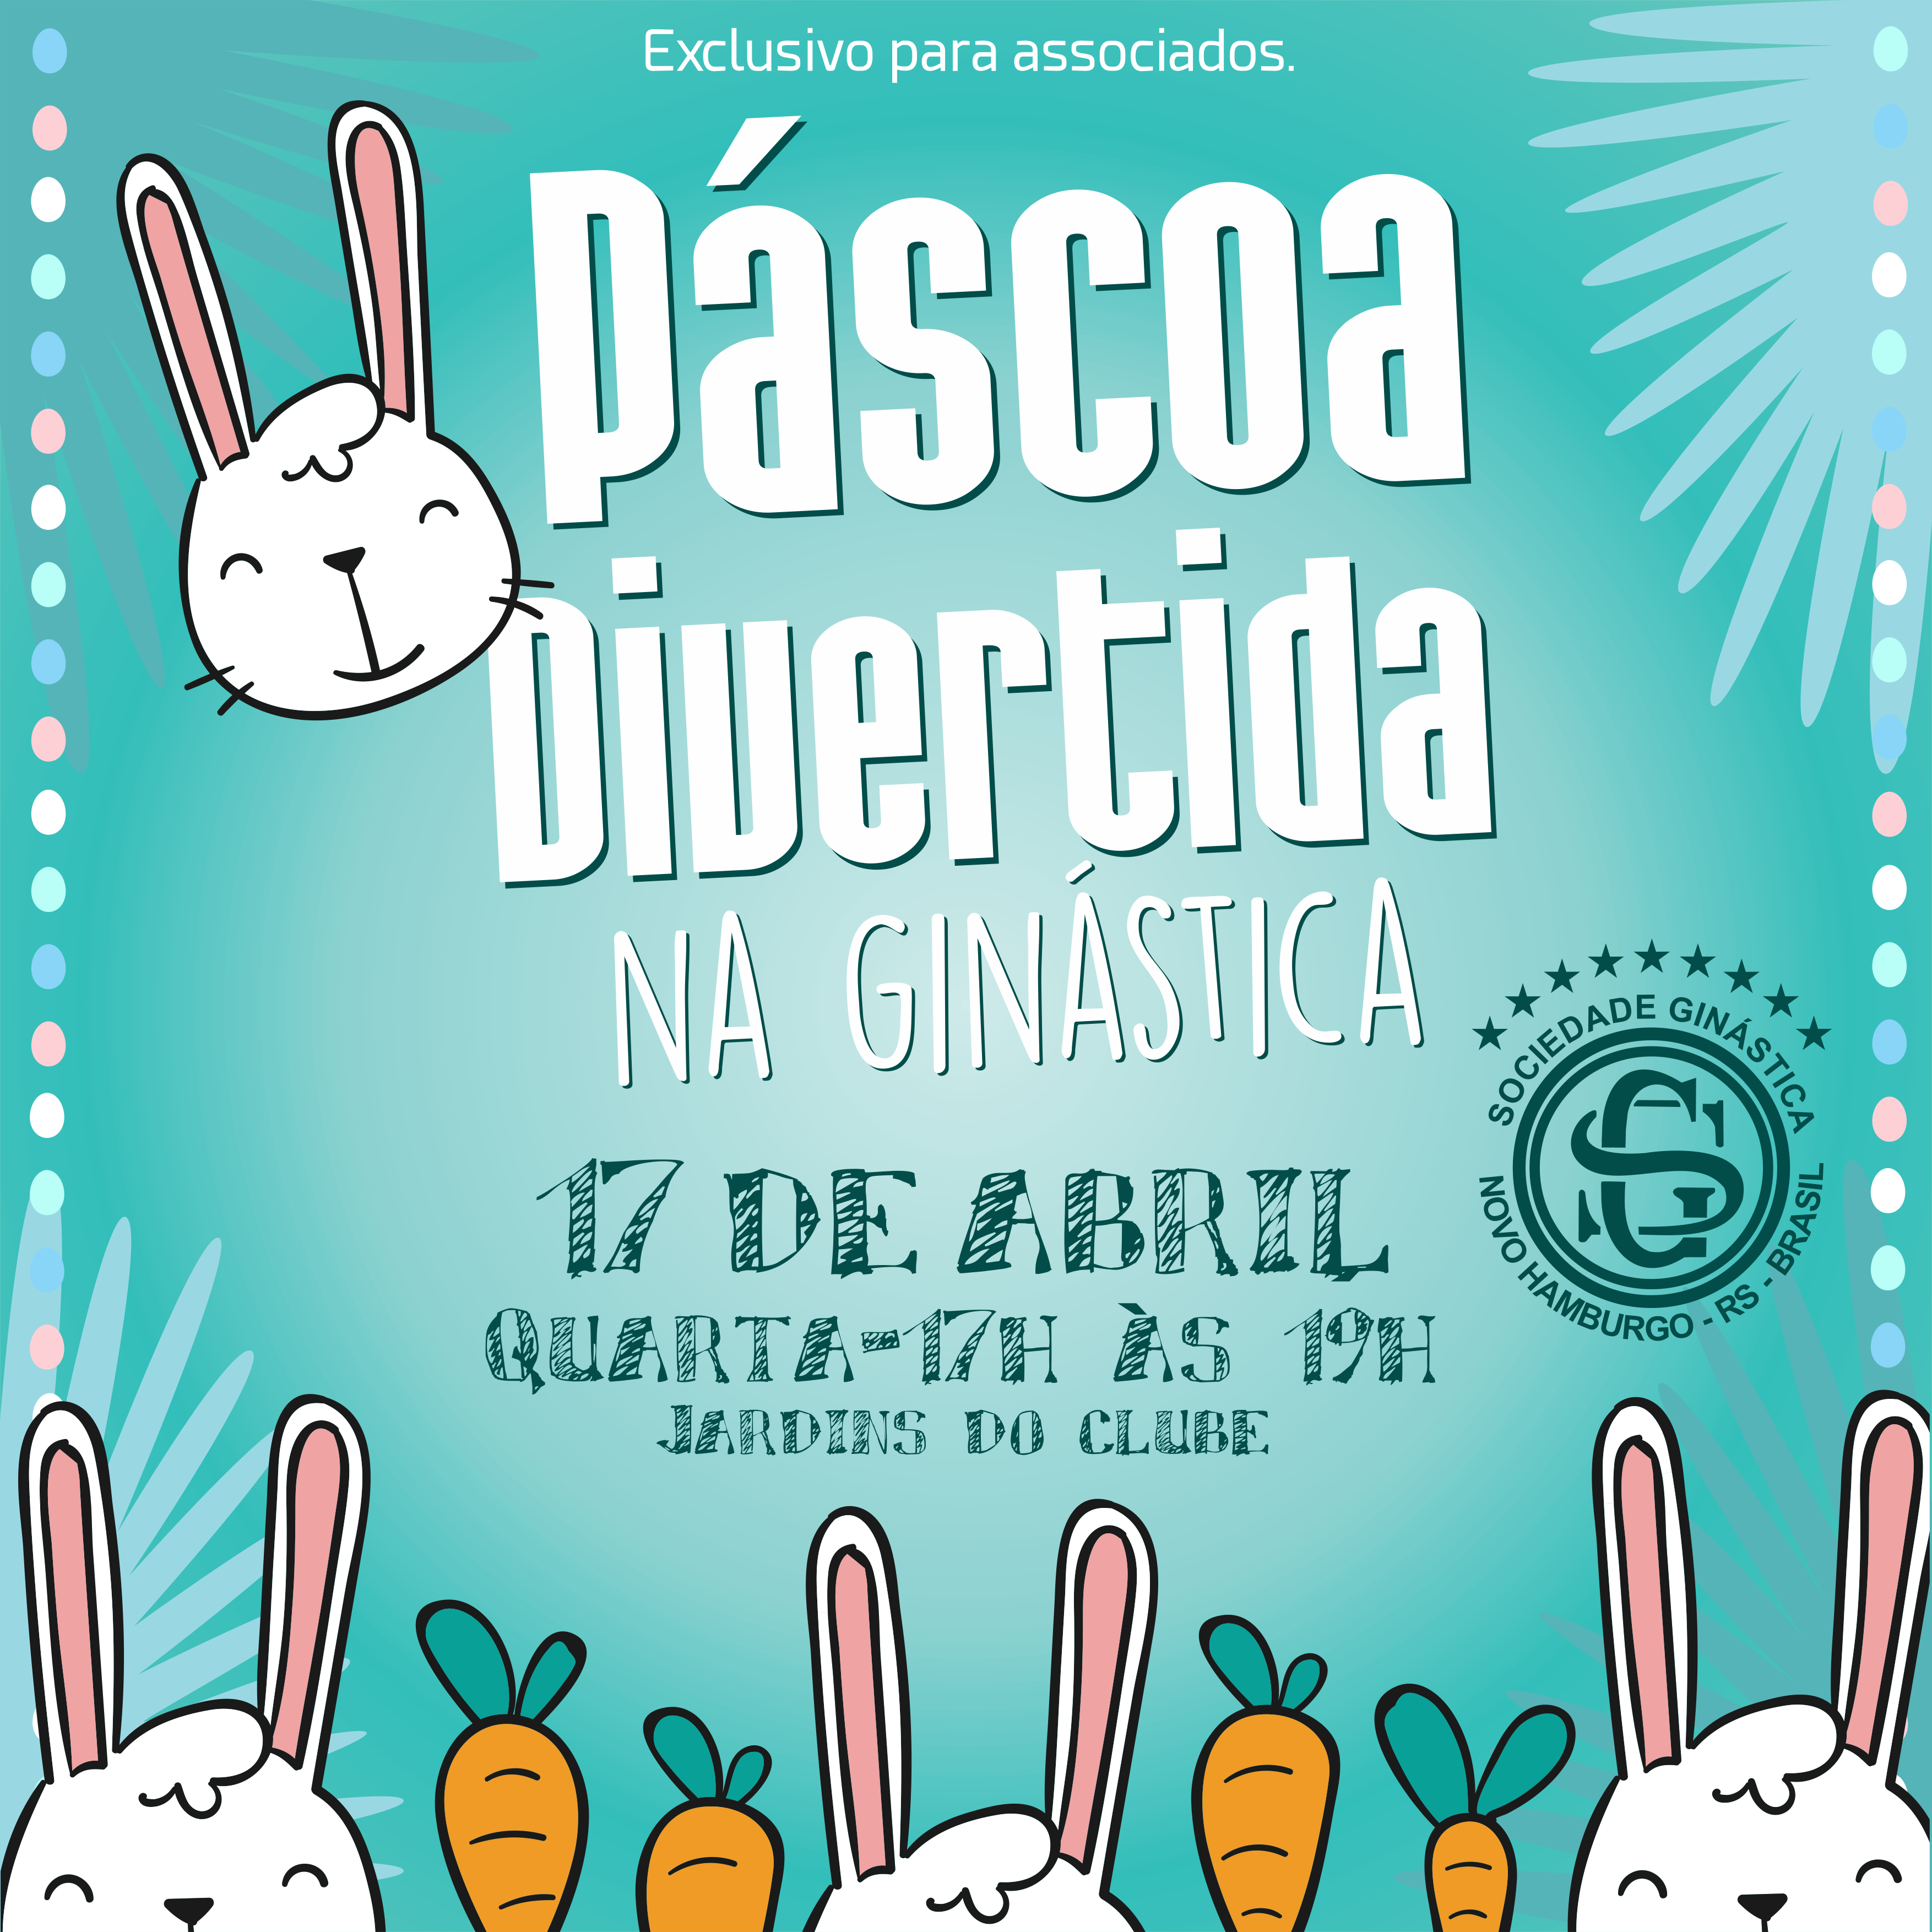 Ginástica tem evento de Páscoa especial para crianças